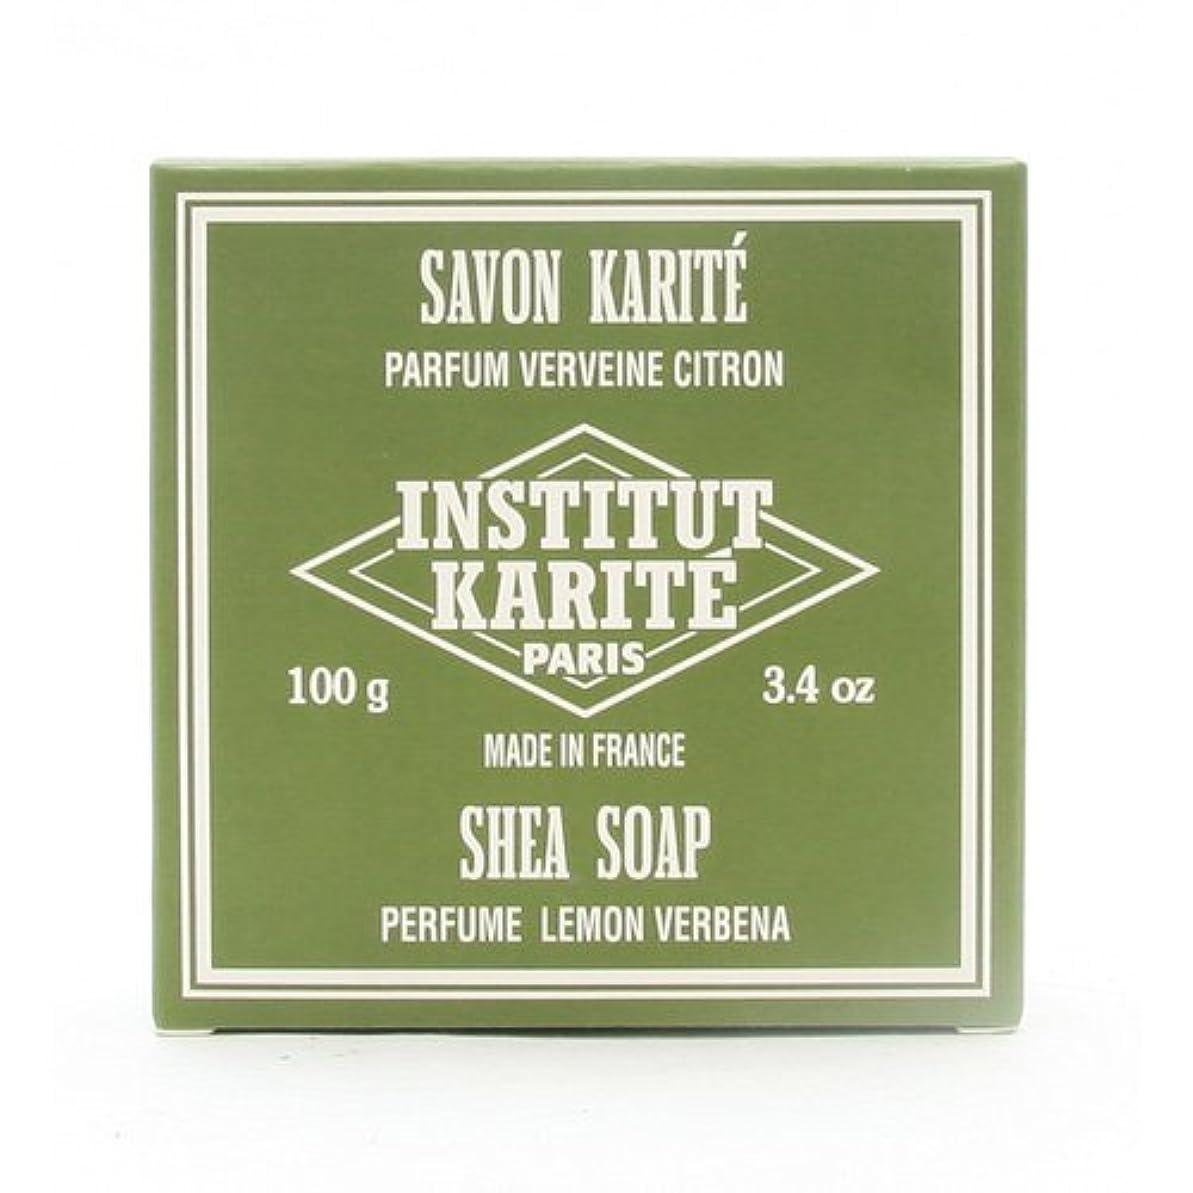 苦難閉塞赤外線INSTITUT KARITE インスティテュート カリテ 25% Extra Gentle Soap ジェントルソープ 100g Lemon Vervenaレモンバーベナ